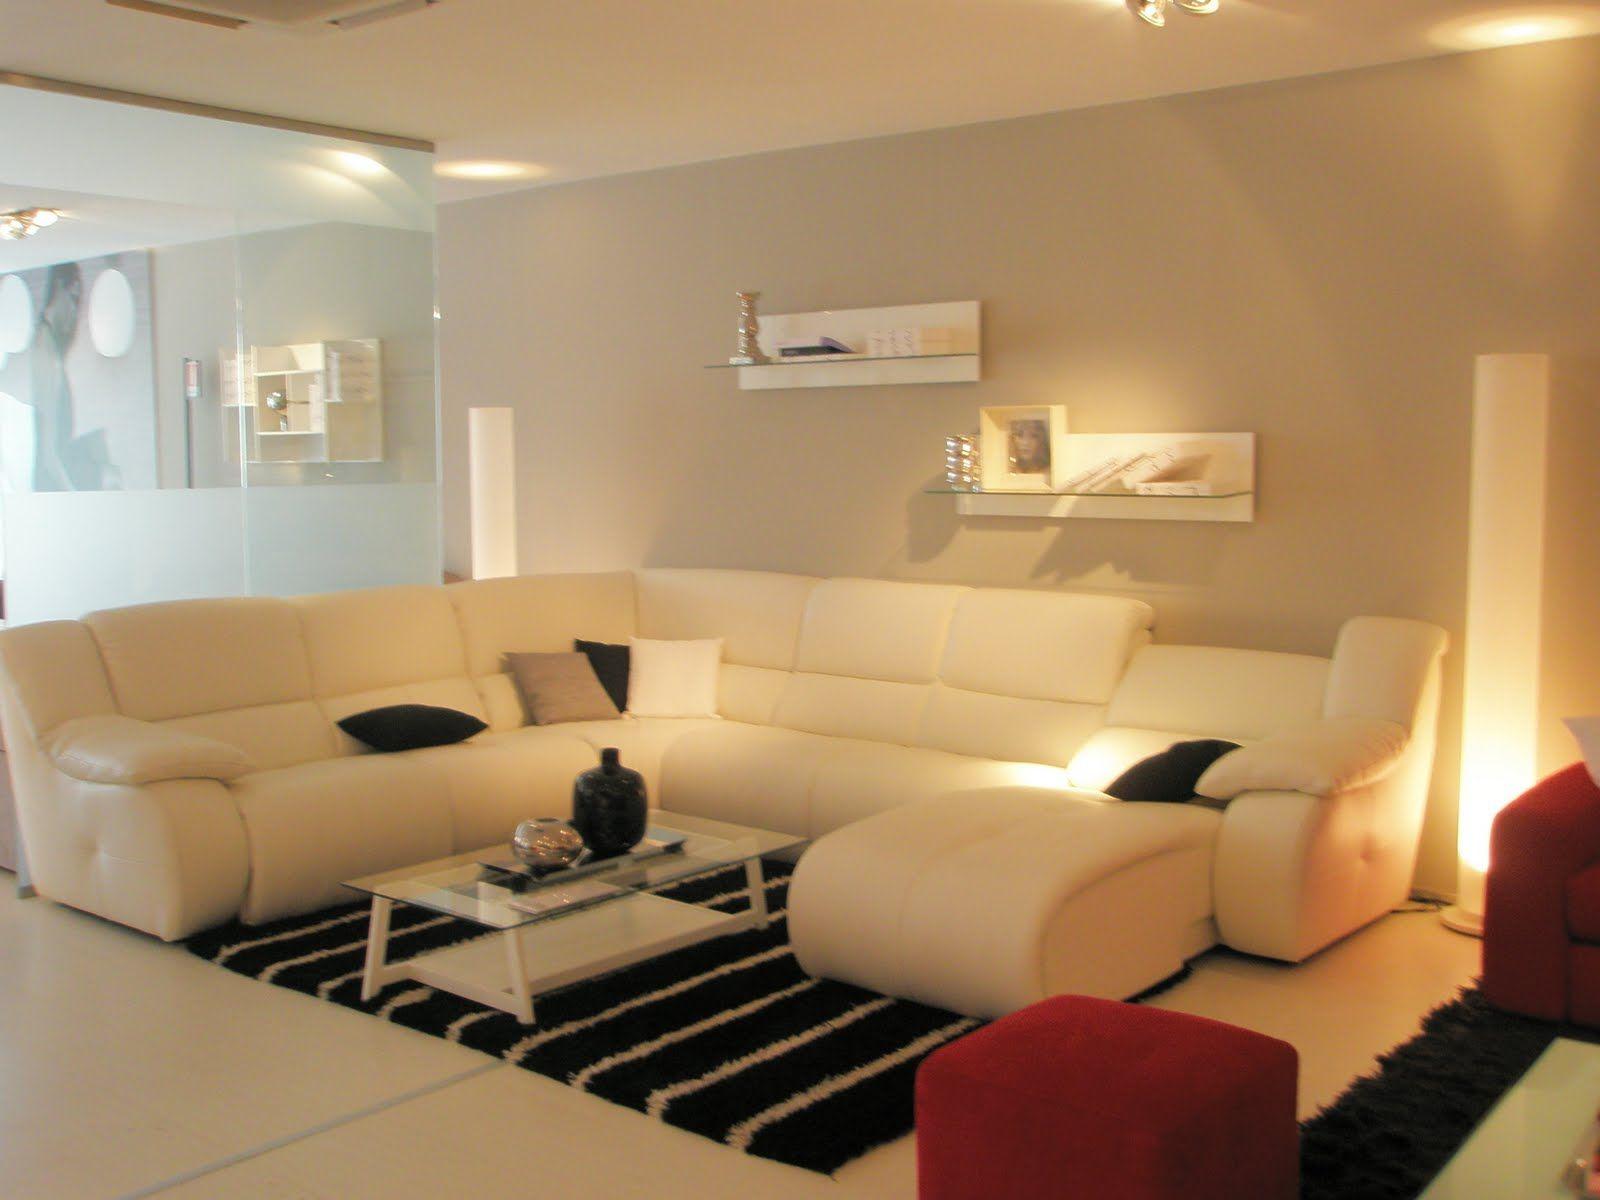 El Asombroso Secreto para Diseñar una Sala Moderna | Living rooms ...